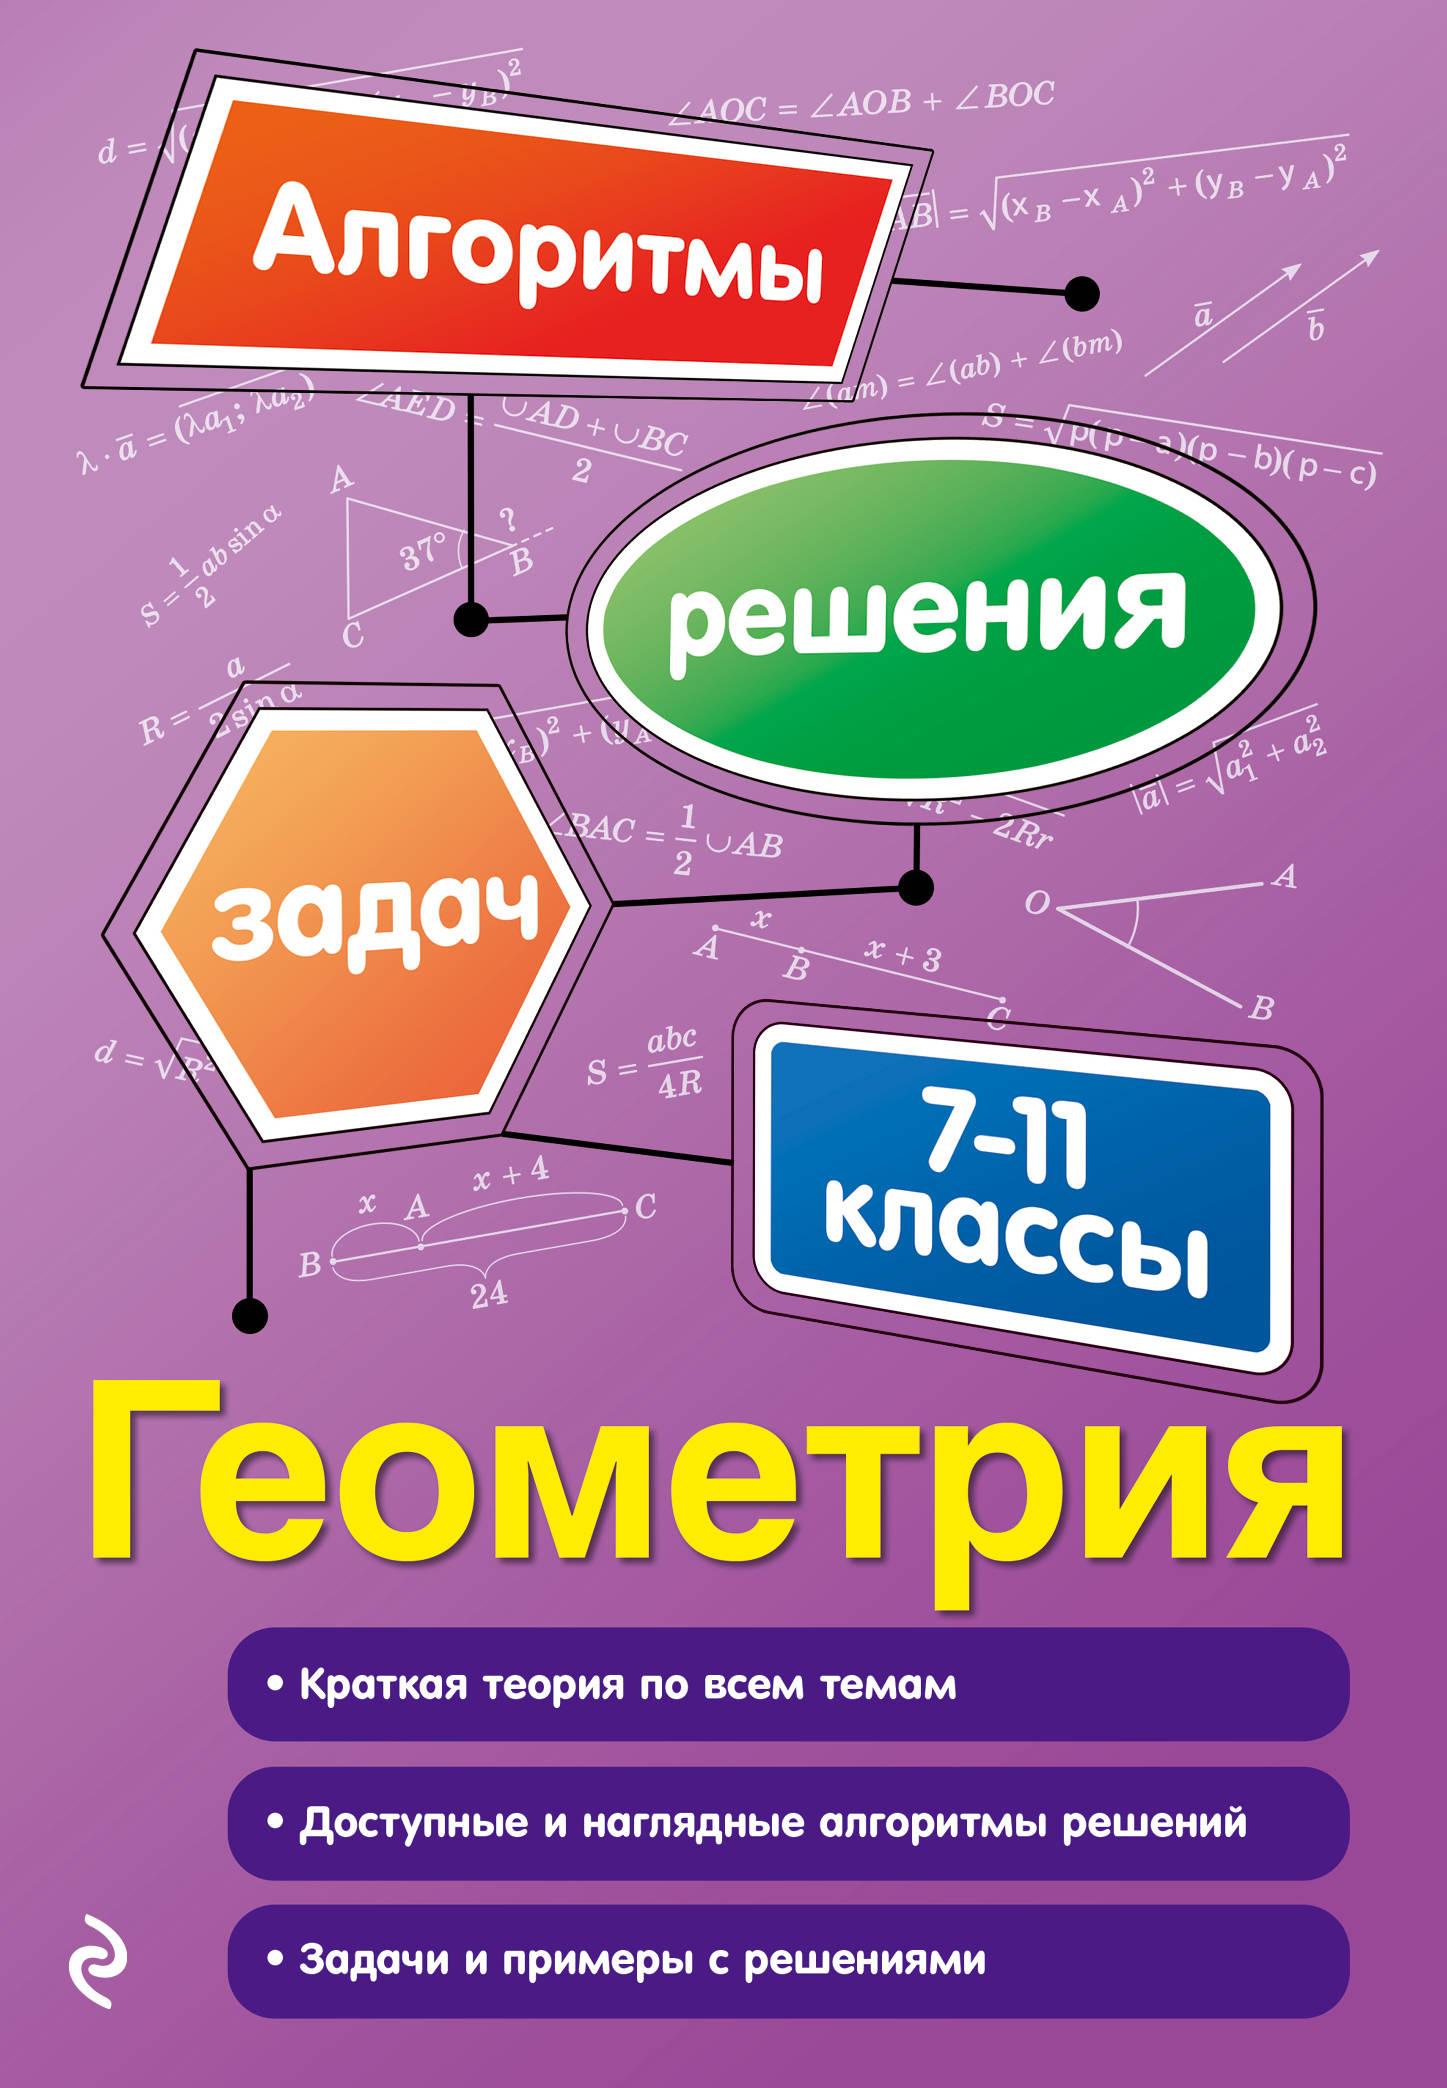 Алгоритм решения задач по ндс решение практических задач по основам теории управления